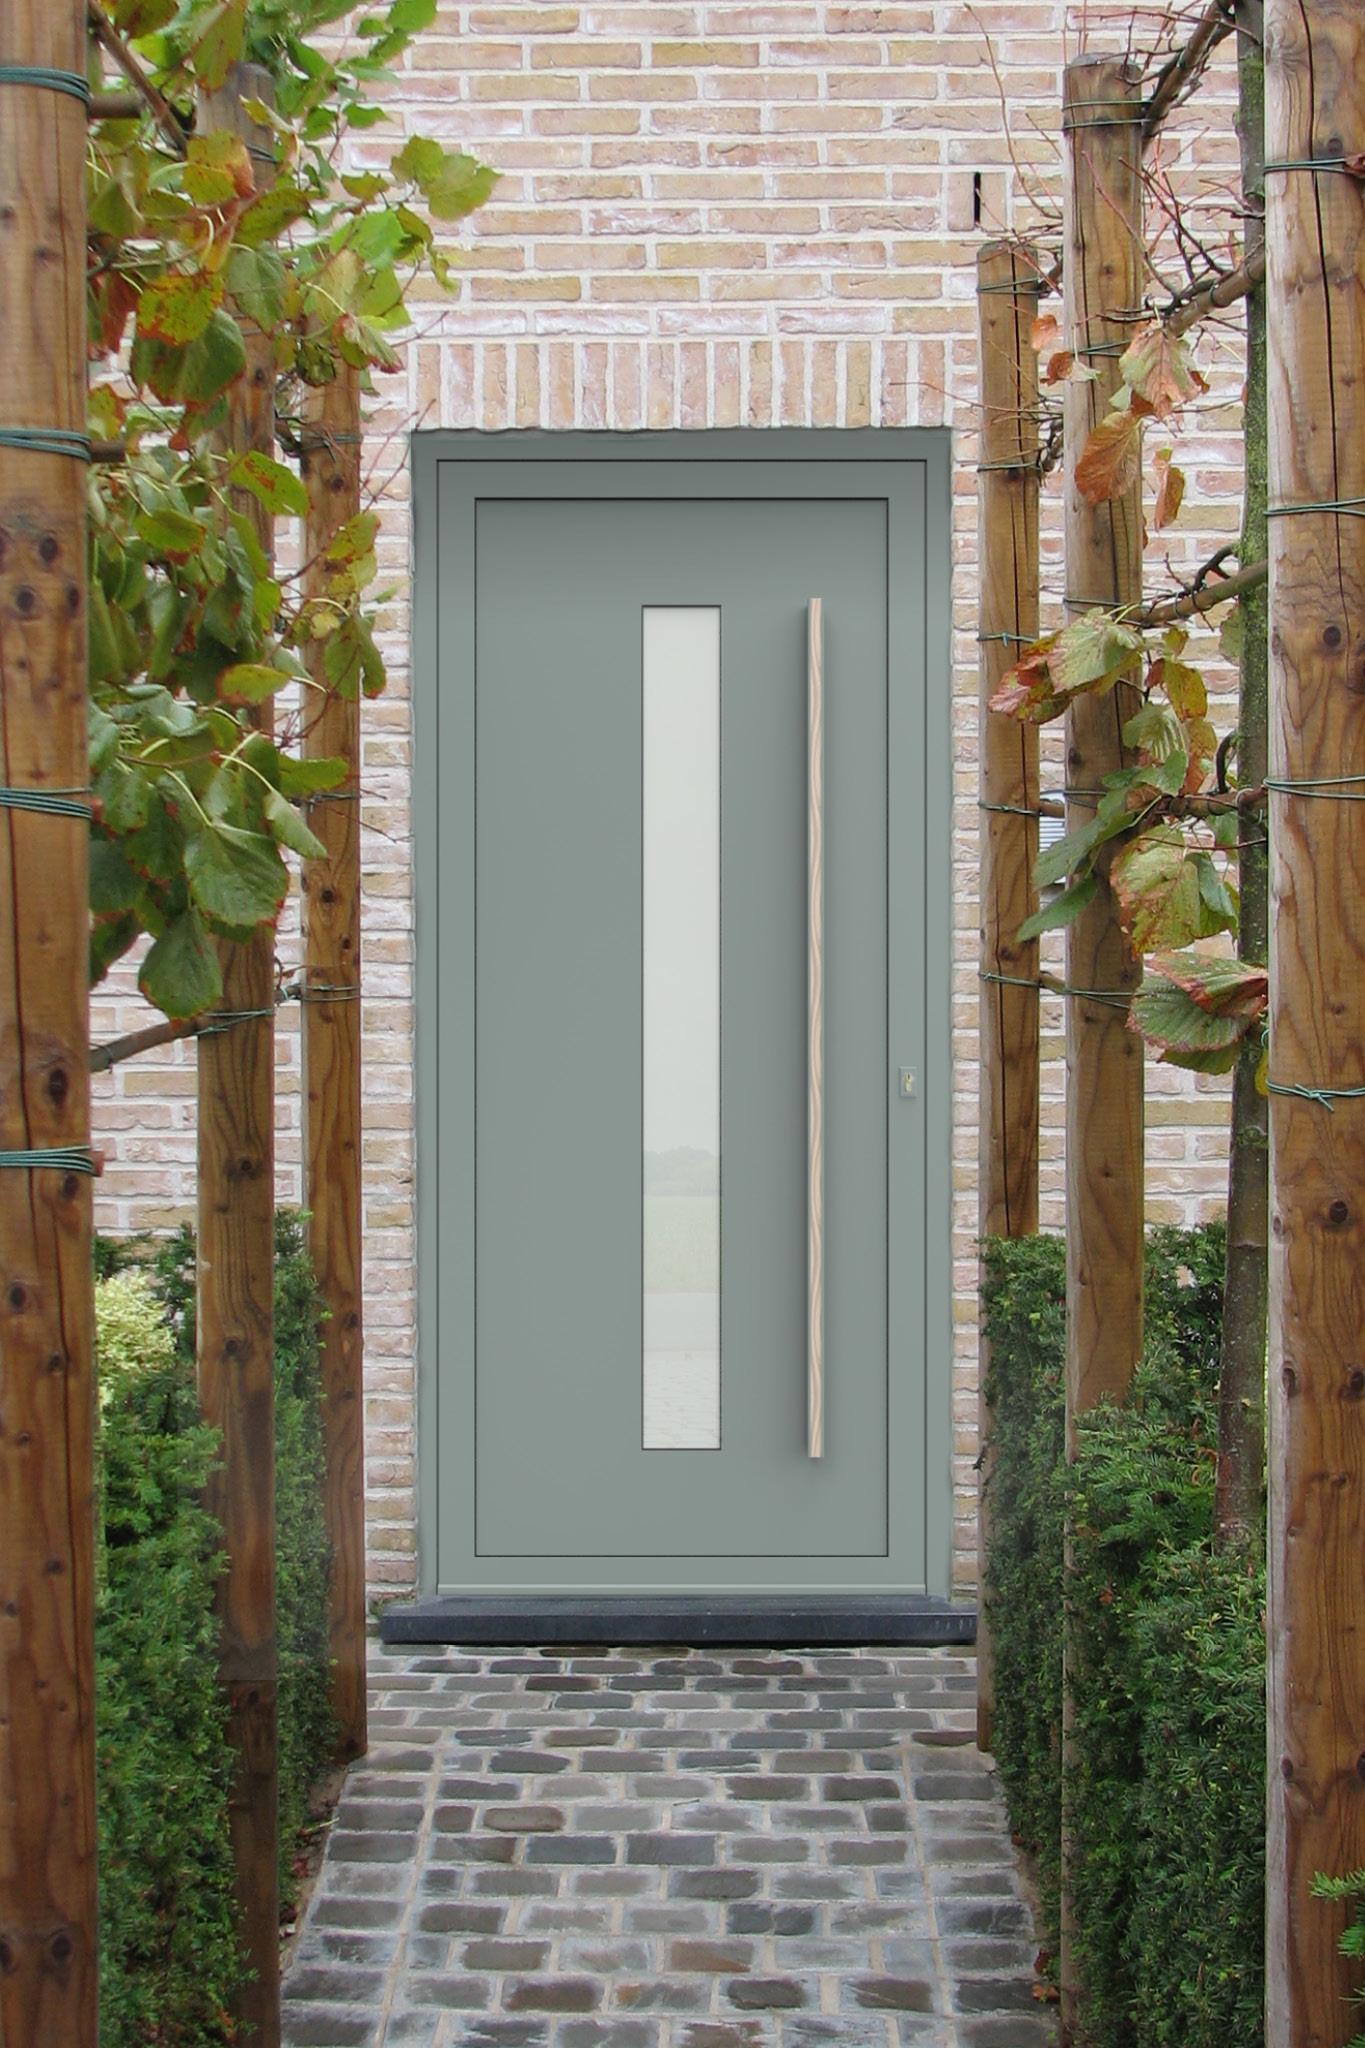 Porte d'entrée de maison : Voici la gamme Solo